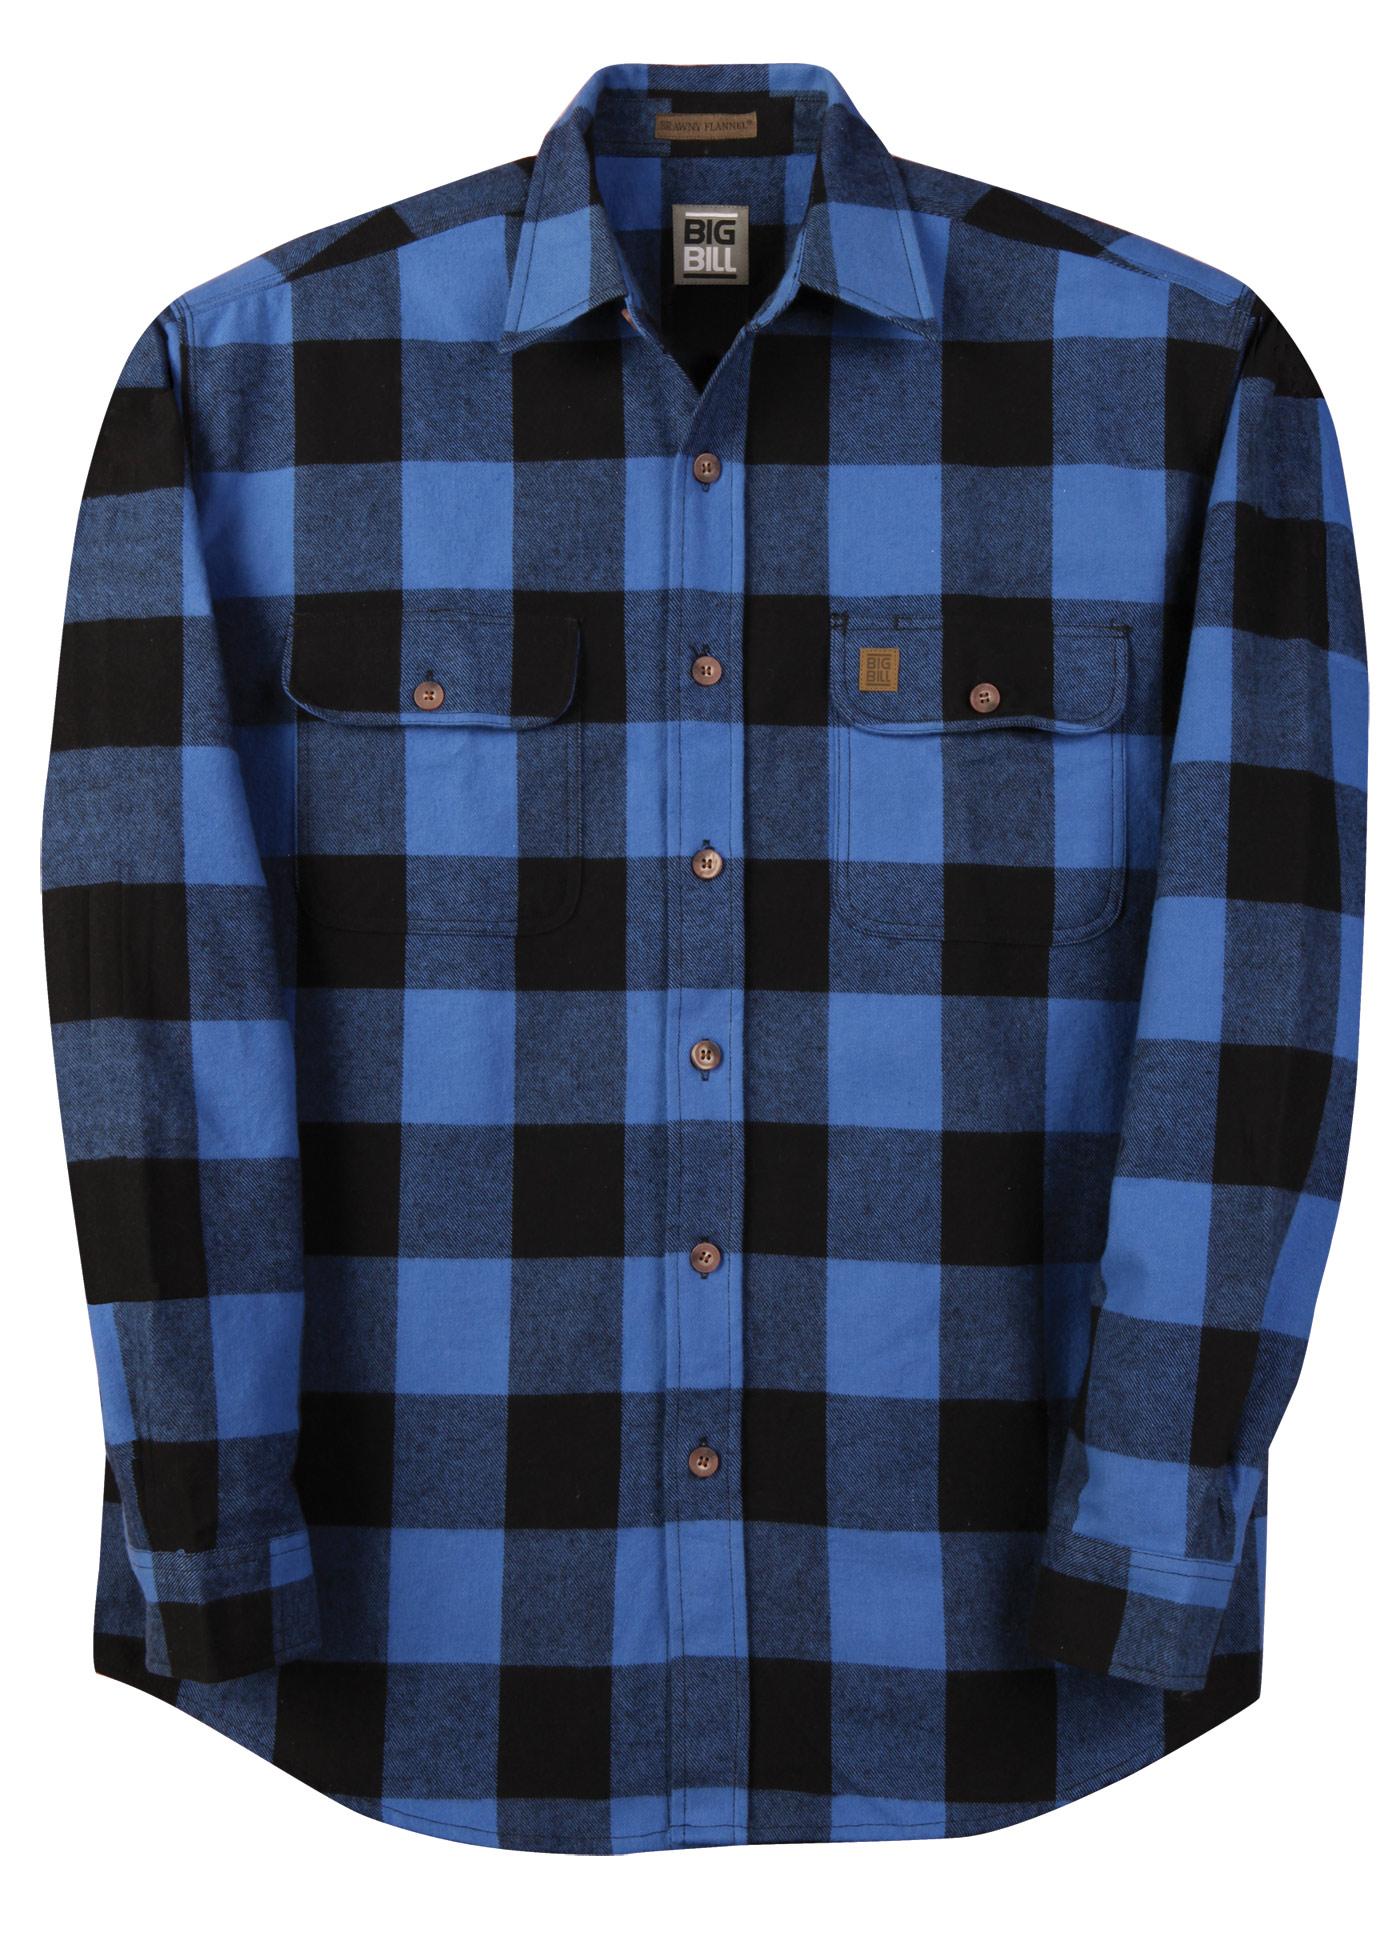 Big bill 9 oz brawny flannel heavy weight shirt 121 for 9 oz flannel shirt